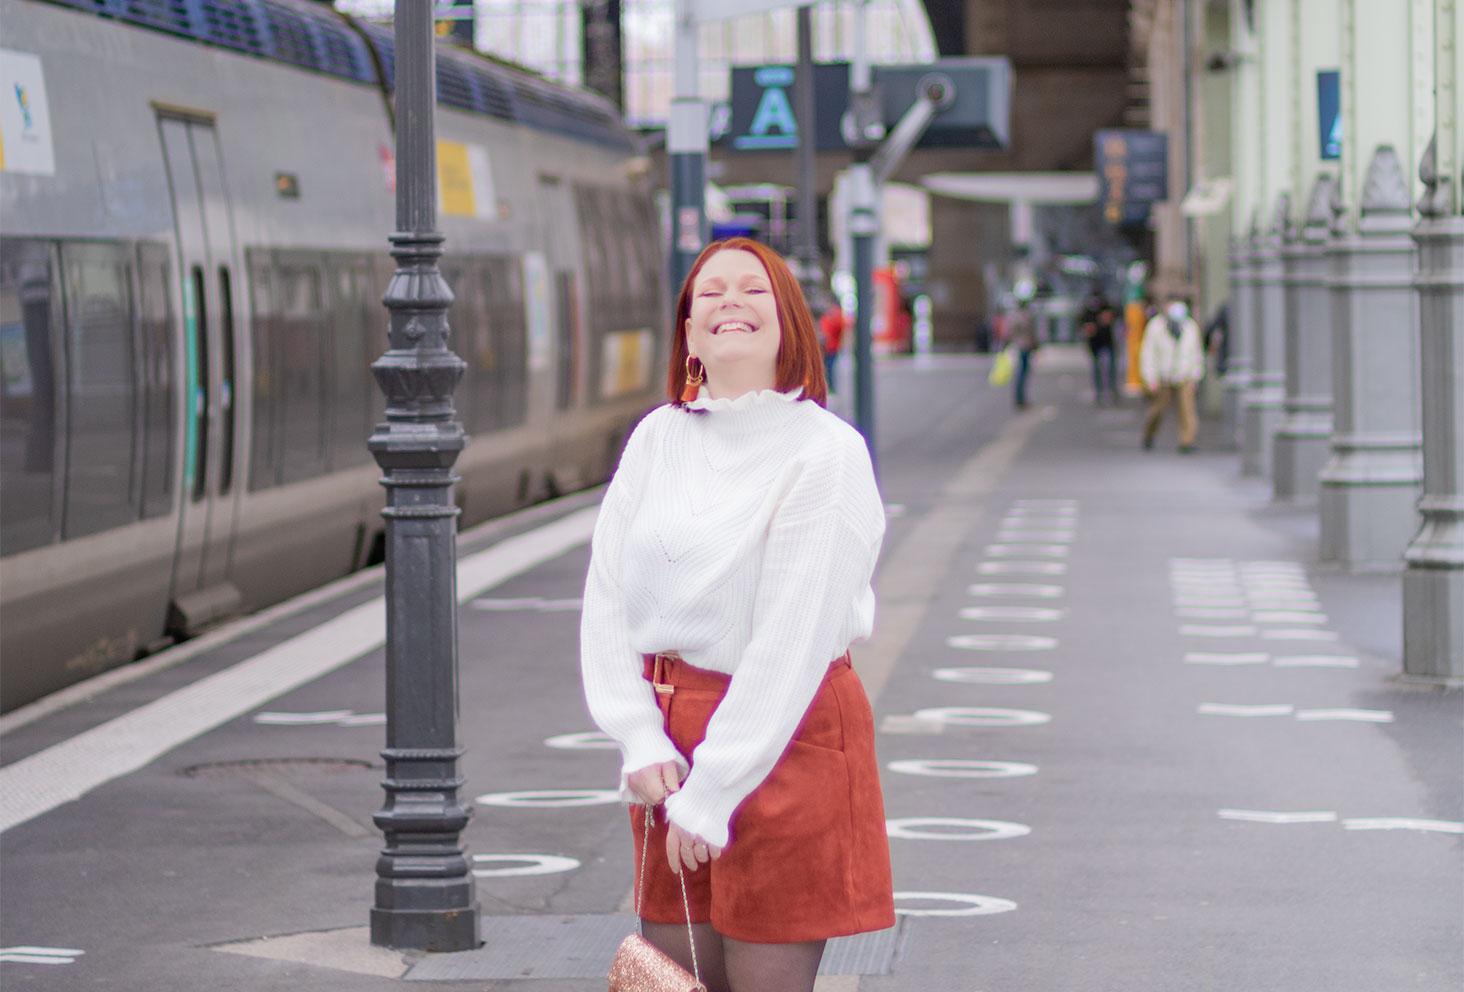 Dans la gare avec le sourire, dans un look cocooning, pour fêter les 5 ans du blog